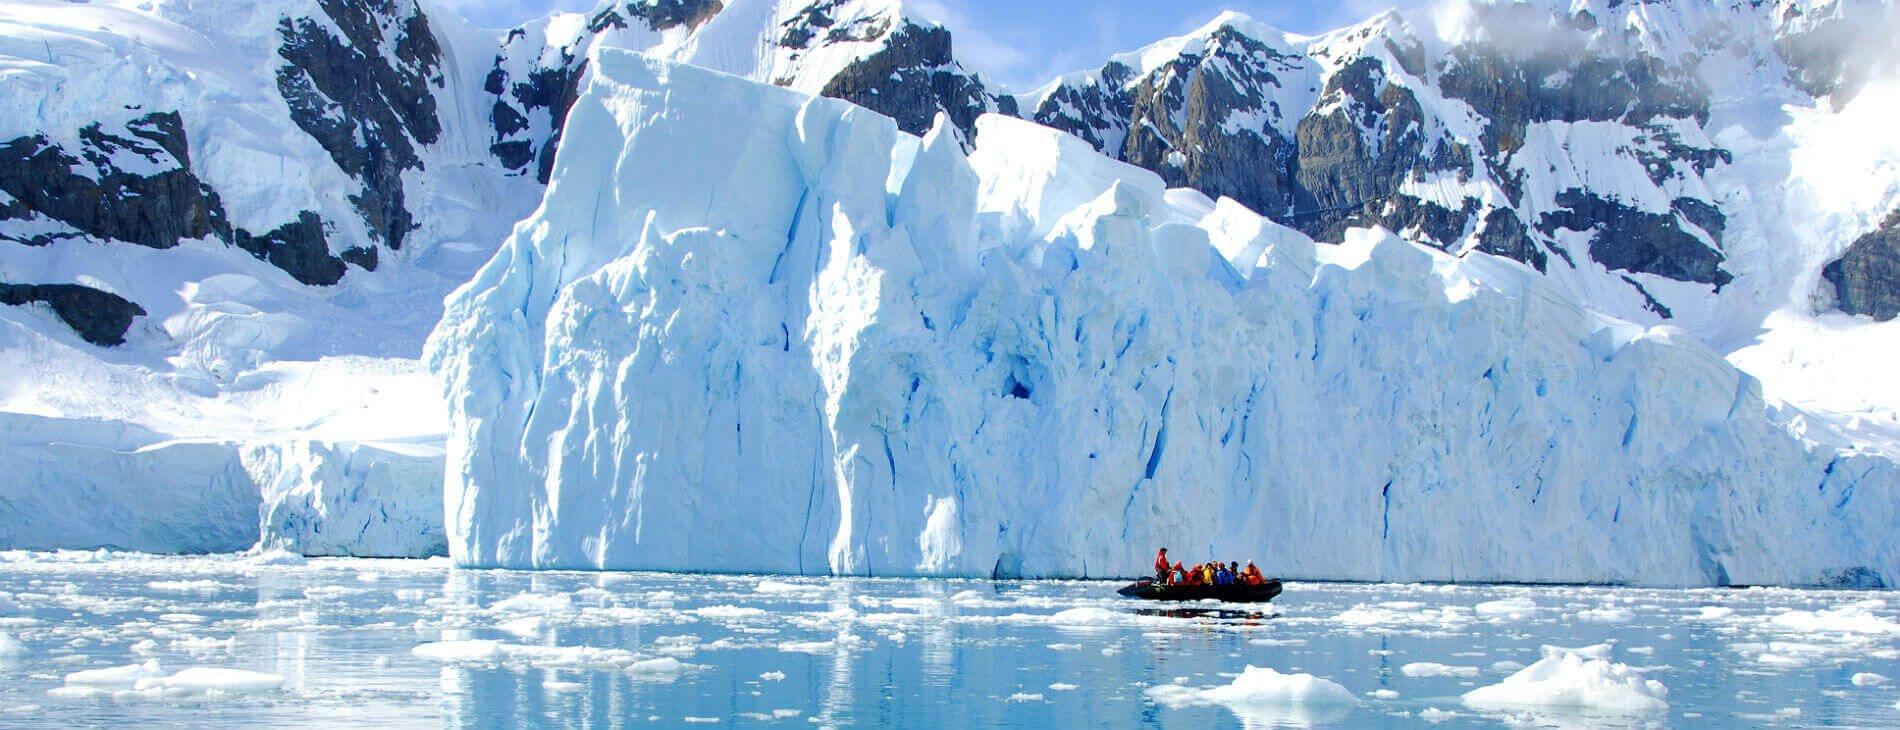 Mastroviaggiatore-Antartide-classico